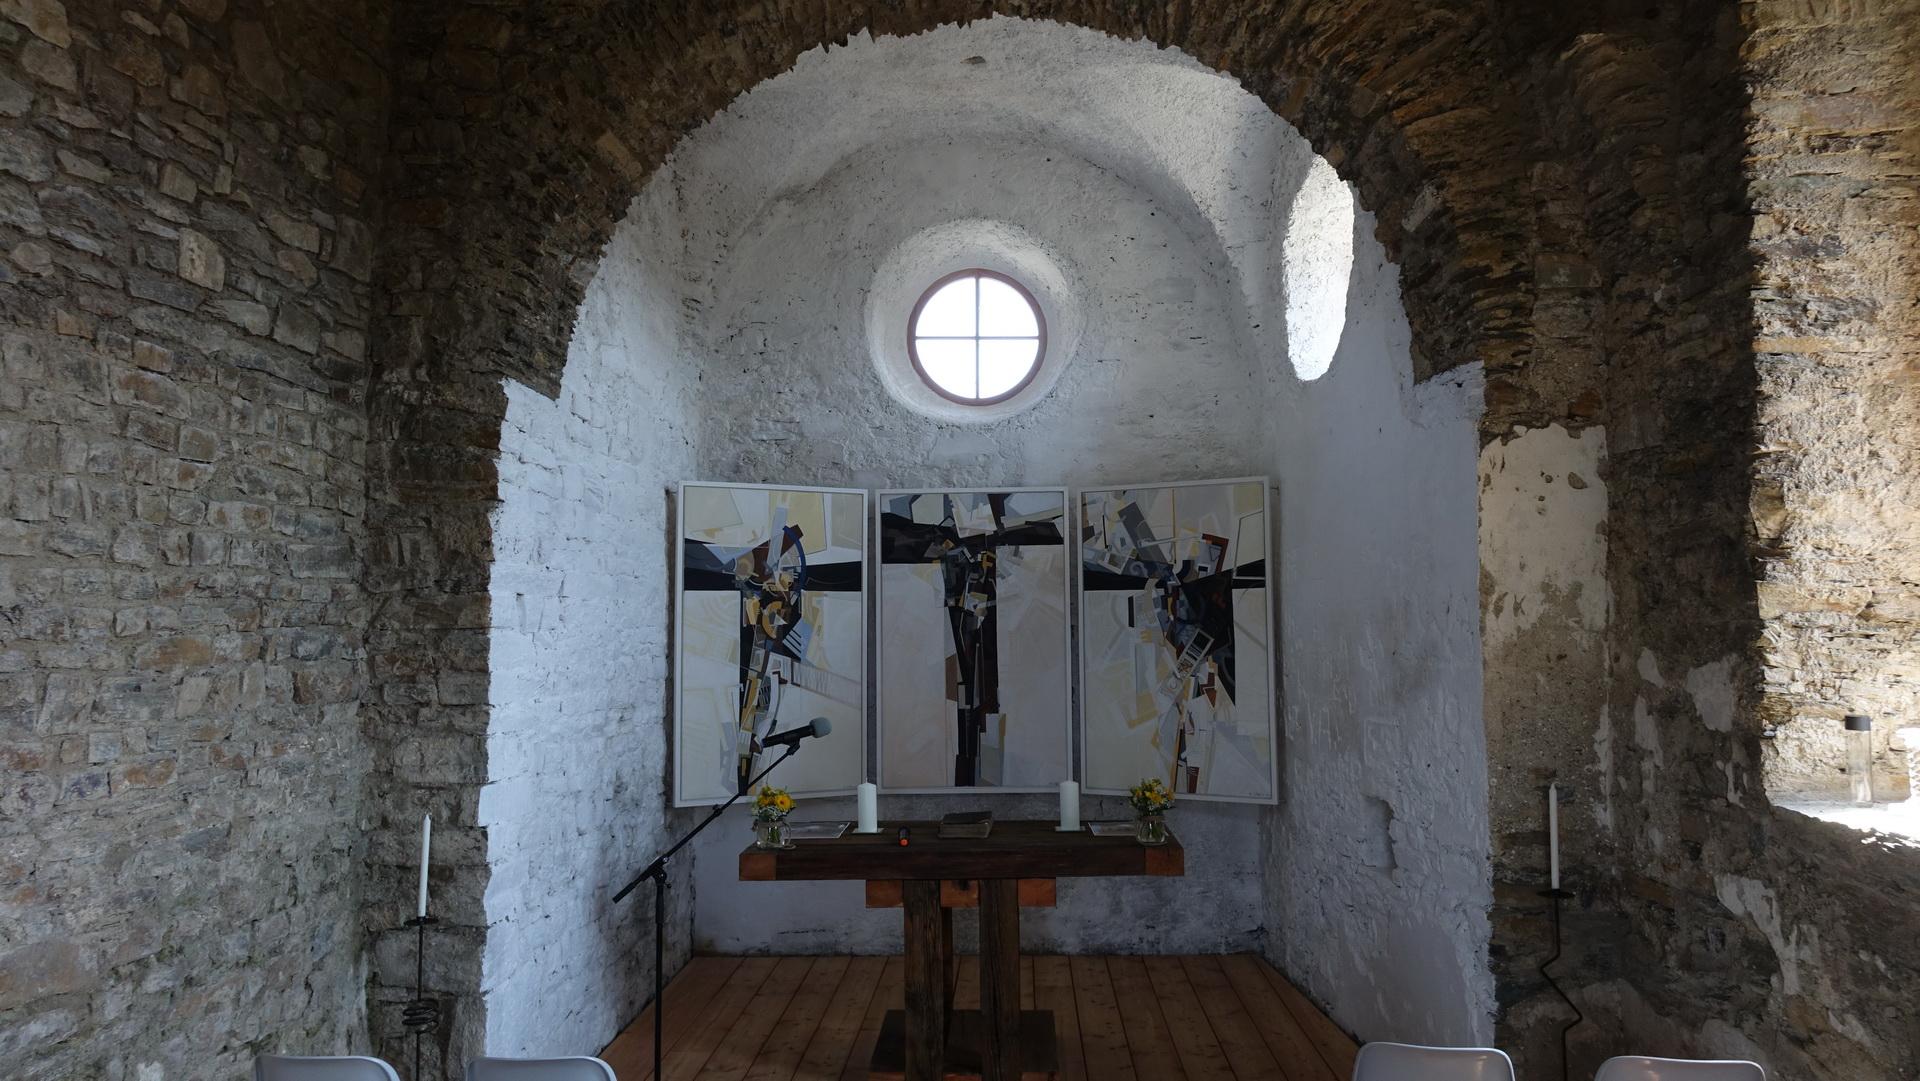 Das Triptychon und der Altartisch geben dem Raum sein Zentrum